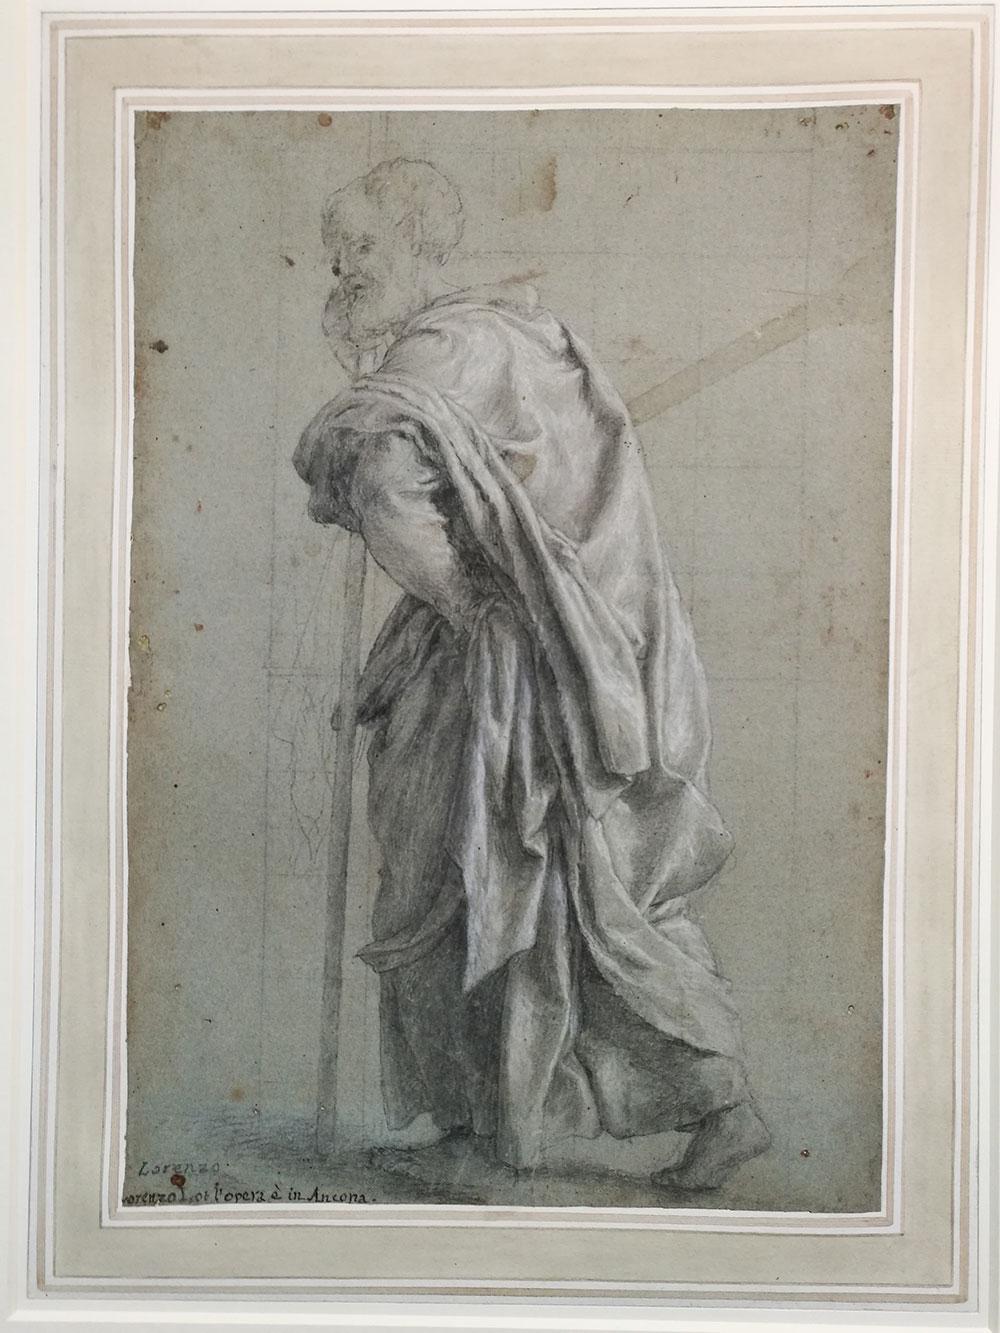 Lorenzo Lotto Studio per il San Mattia (San Simone) della pala di Ancona, 1550 Disegno, 40,6 x 28,1 cm Londra, The British Museum